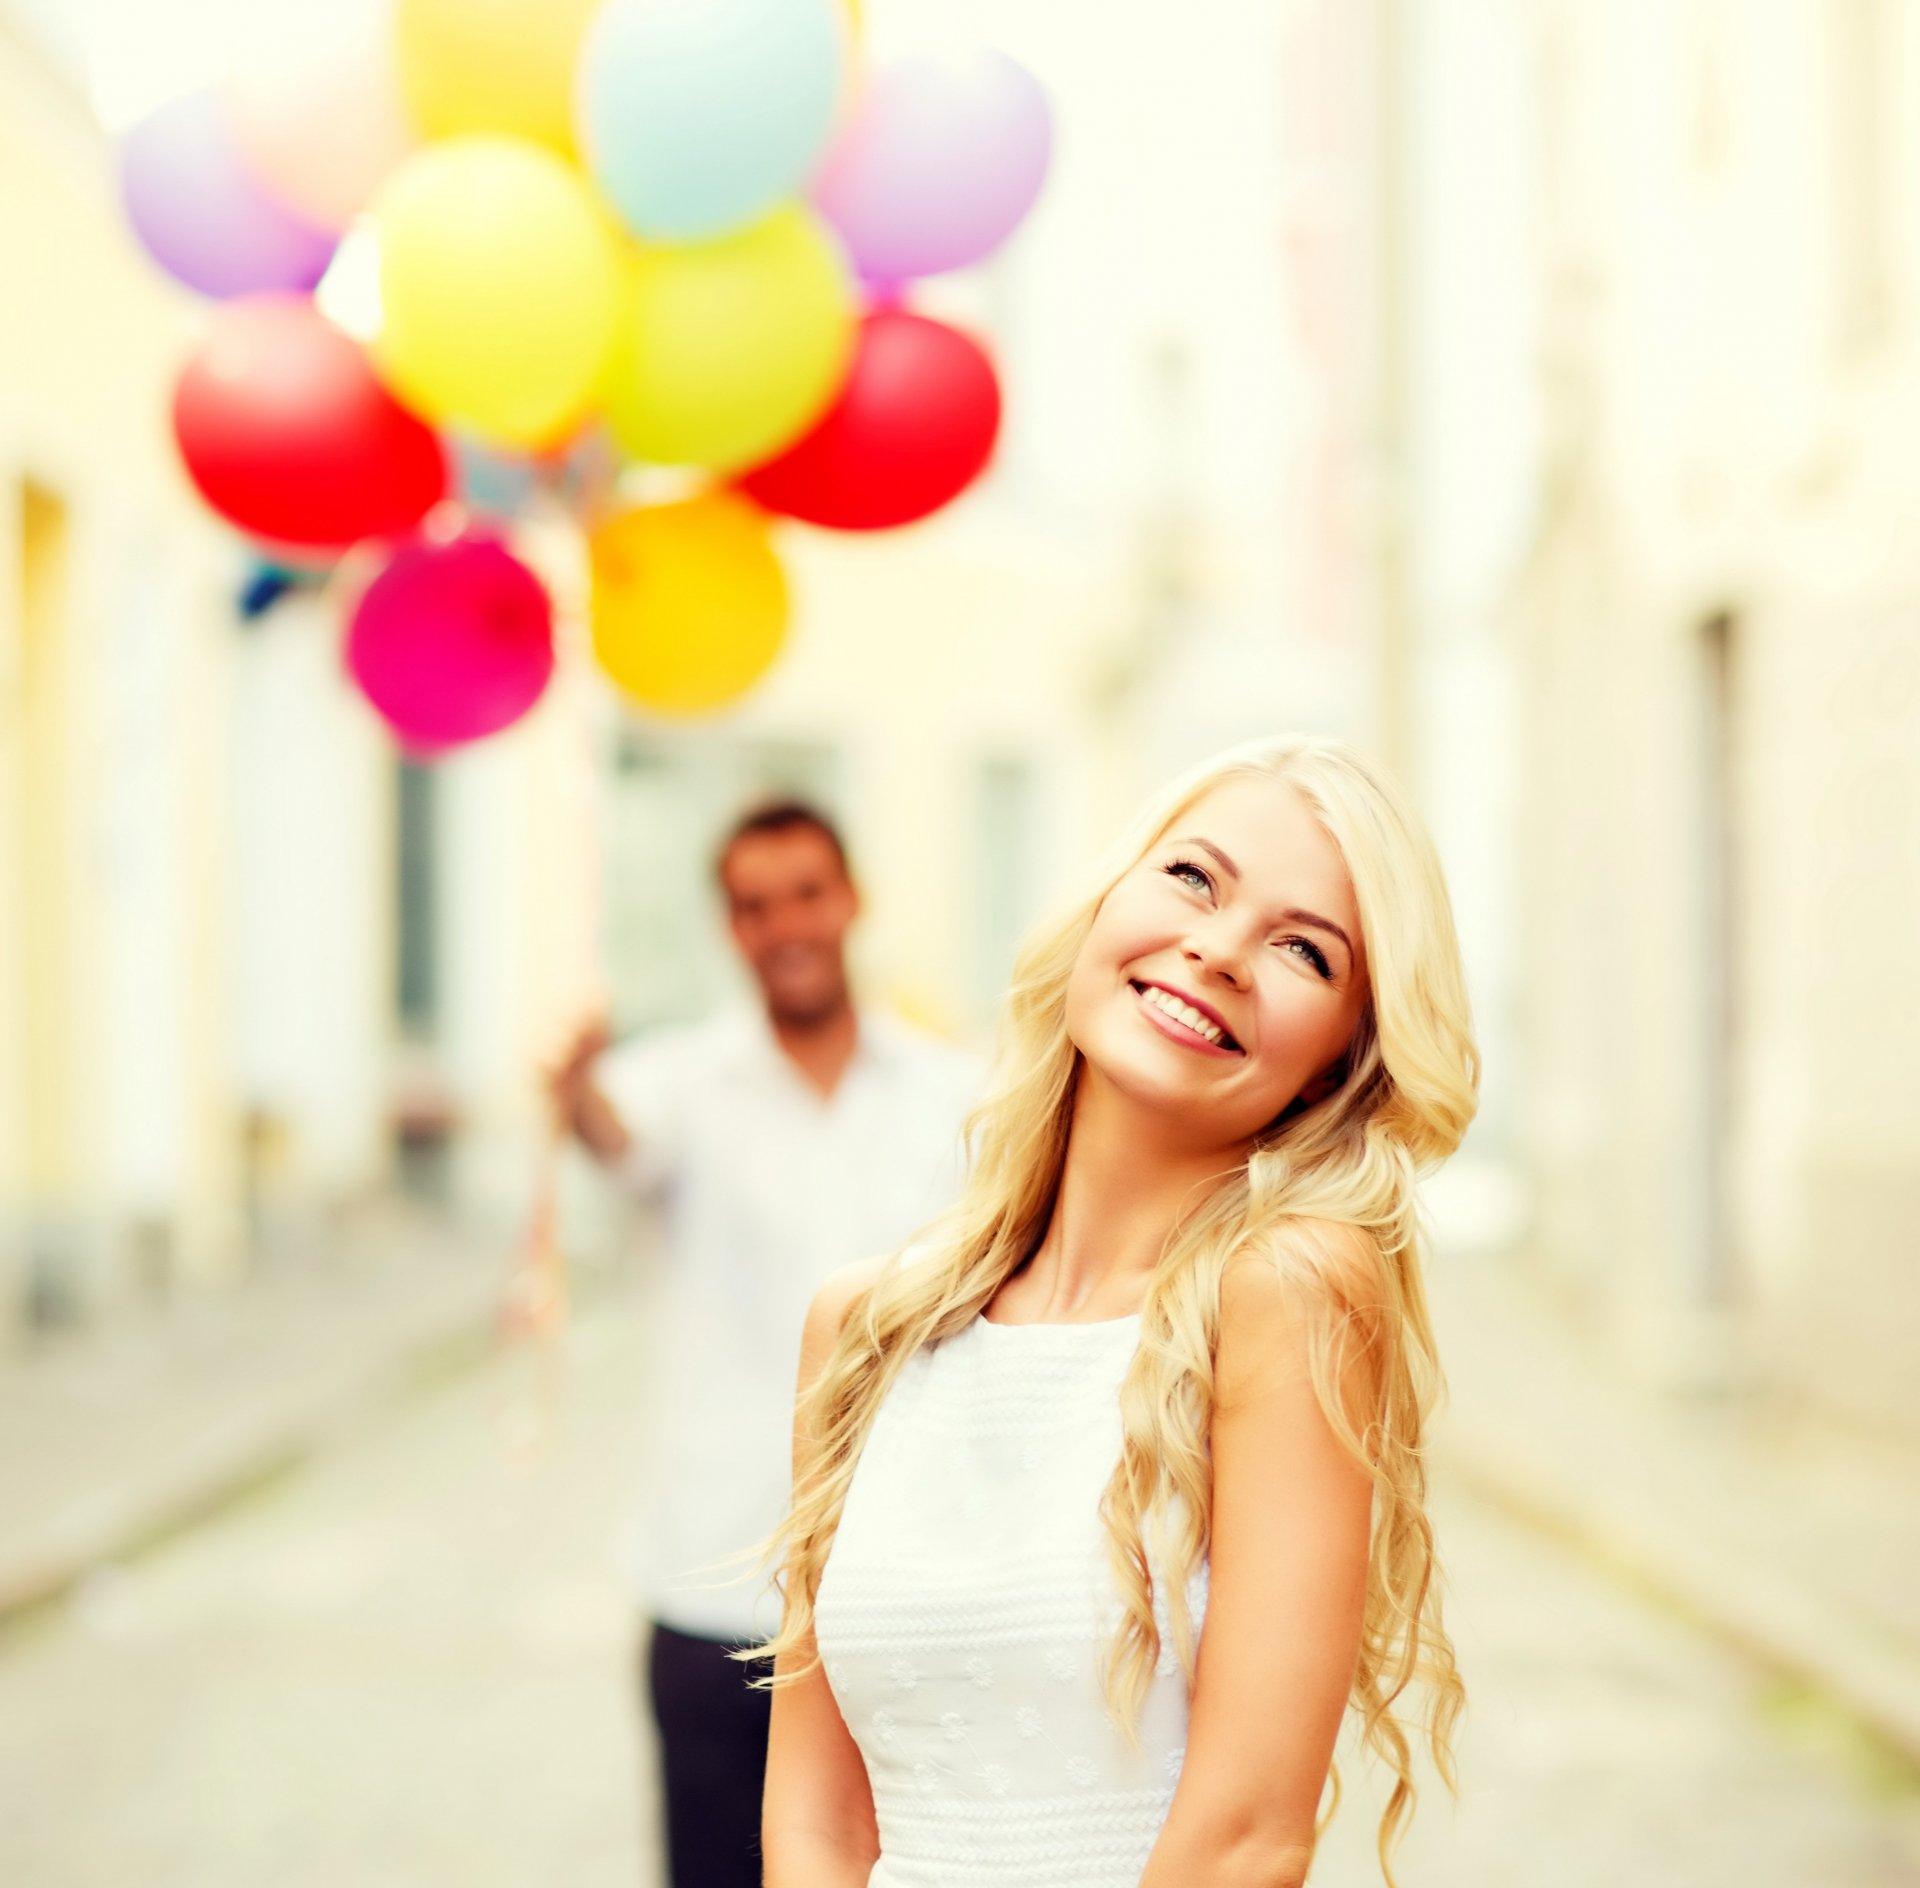 Поздравляю, картинки счастья радости любви